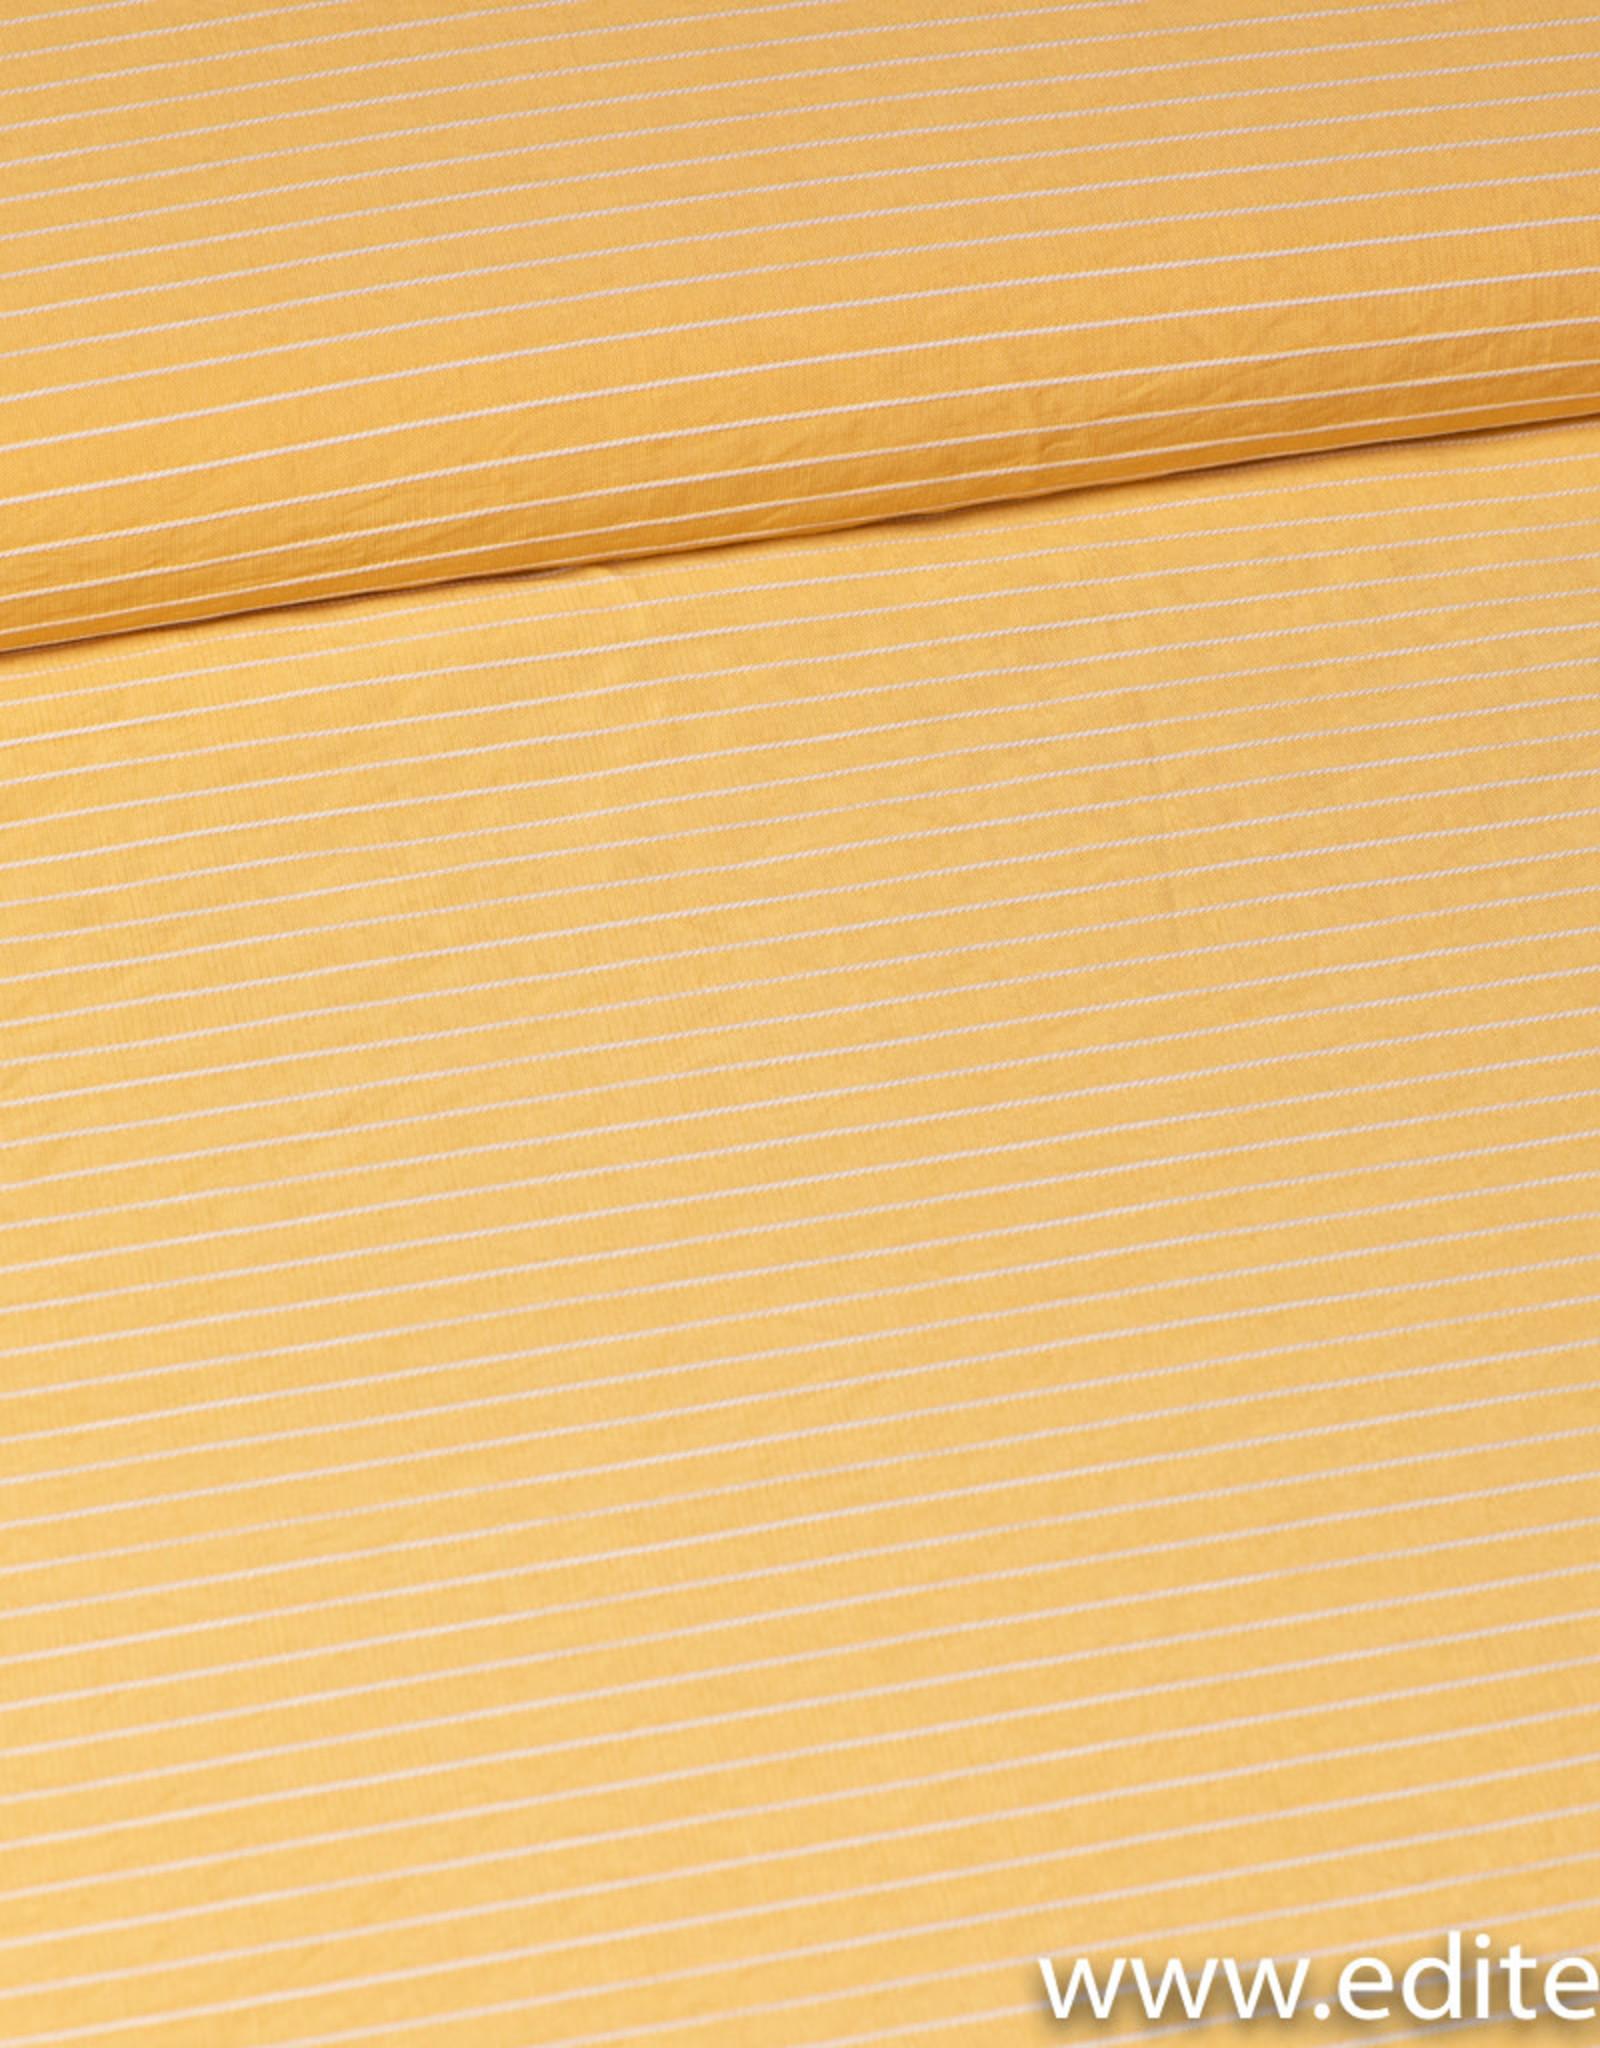 FM  geel met wit streepje